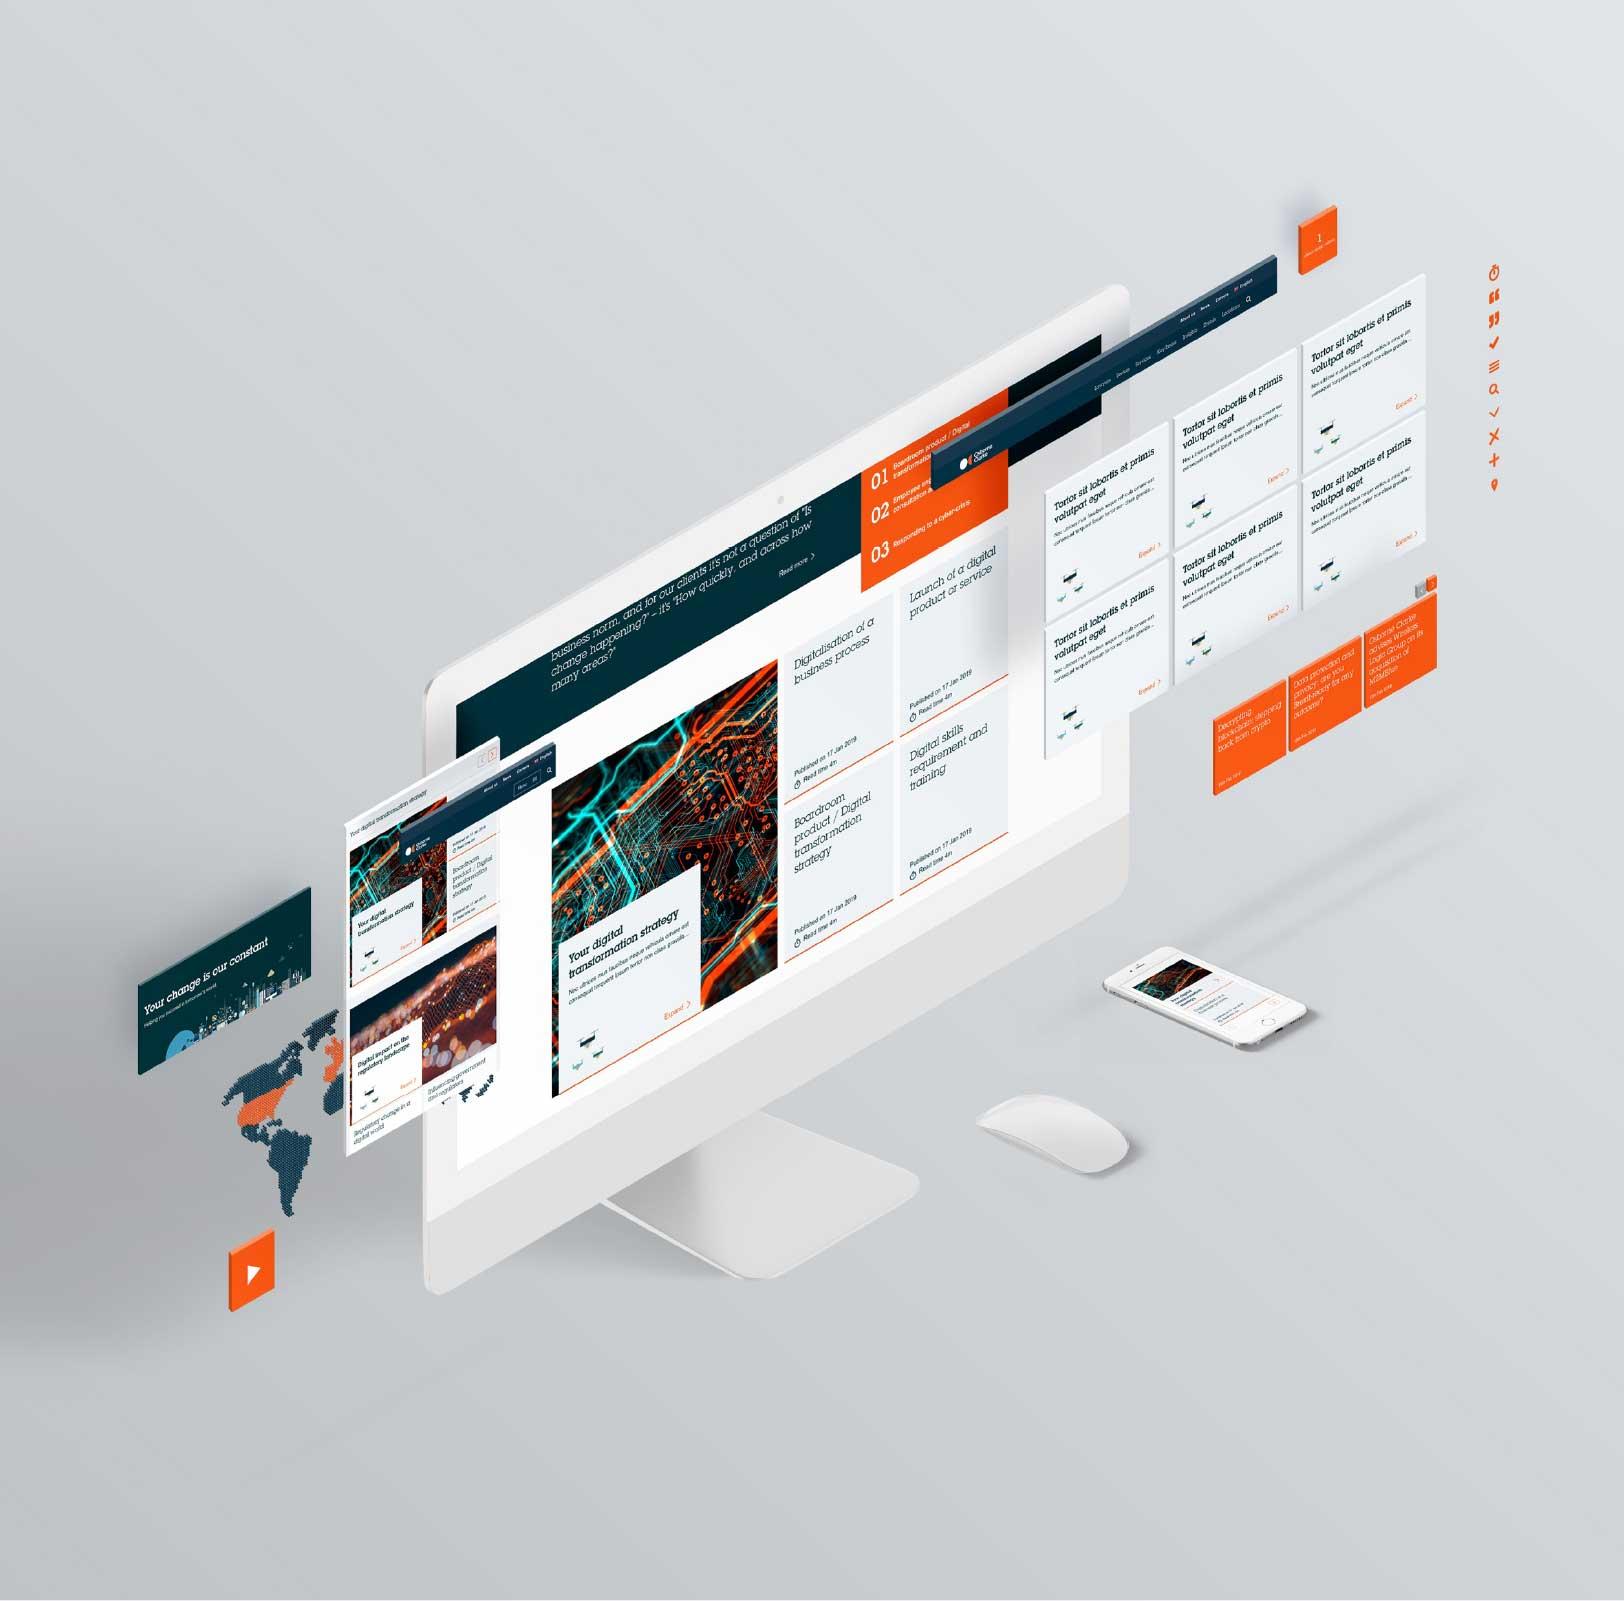 Osborne Clarke website